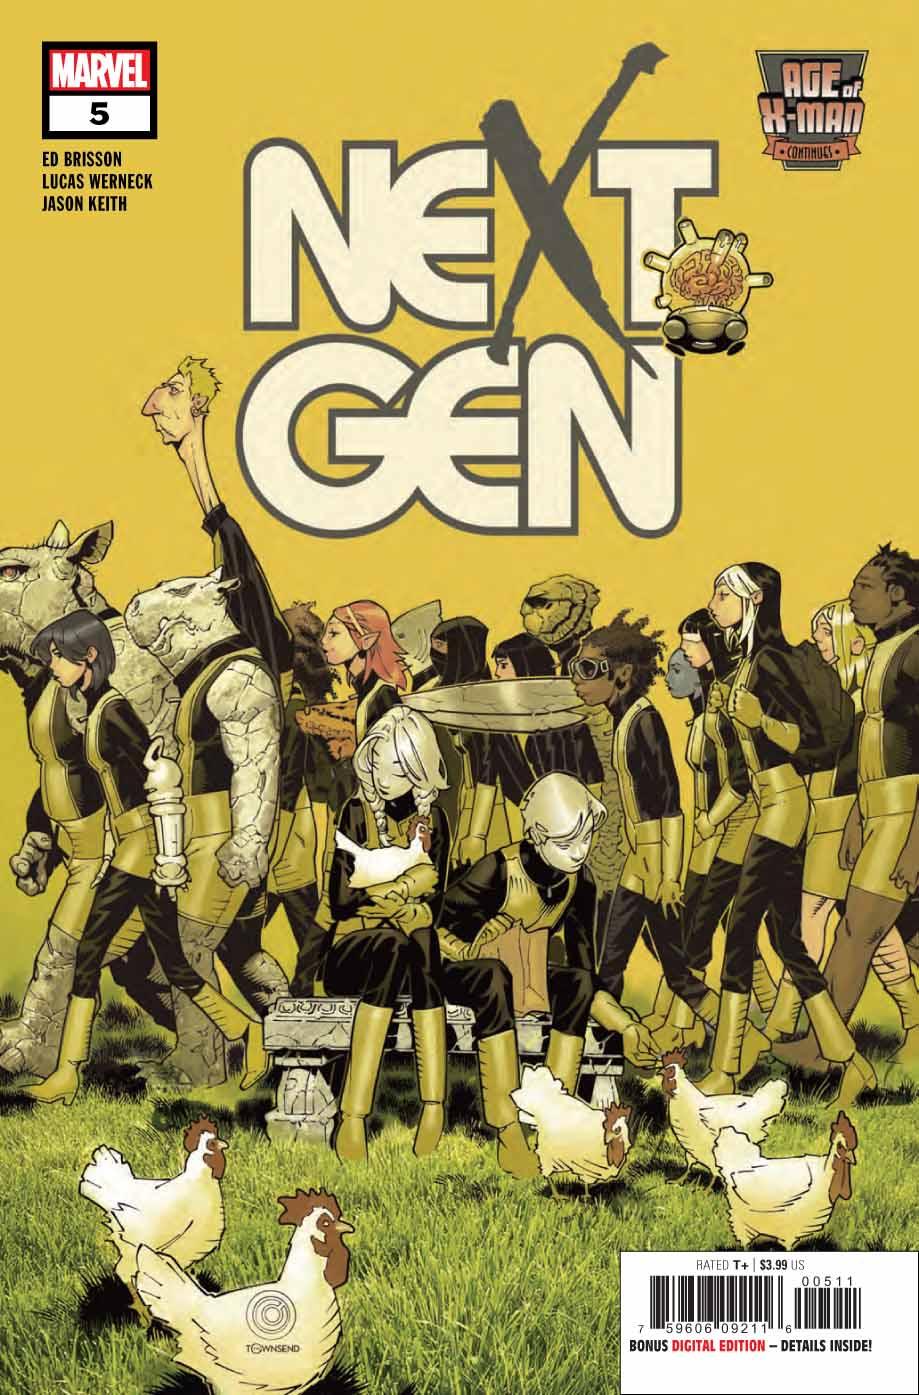 Les comics que vous lisez en ce moment - Page 34 E6047bbfe1b6c7008b066ddf61f248bd4228eccc